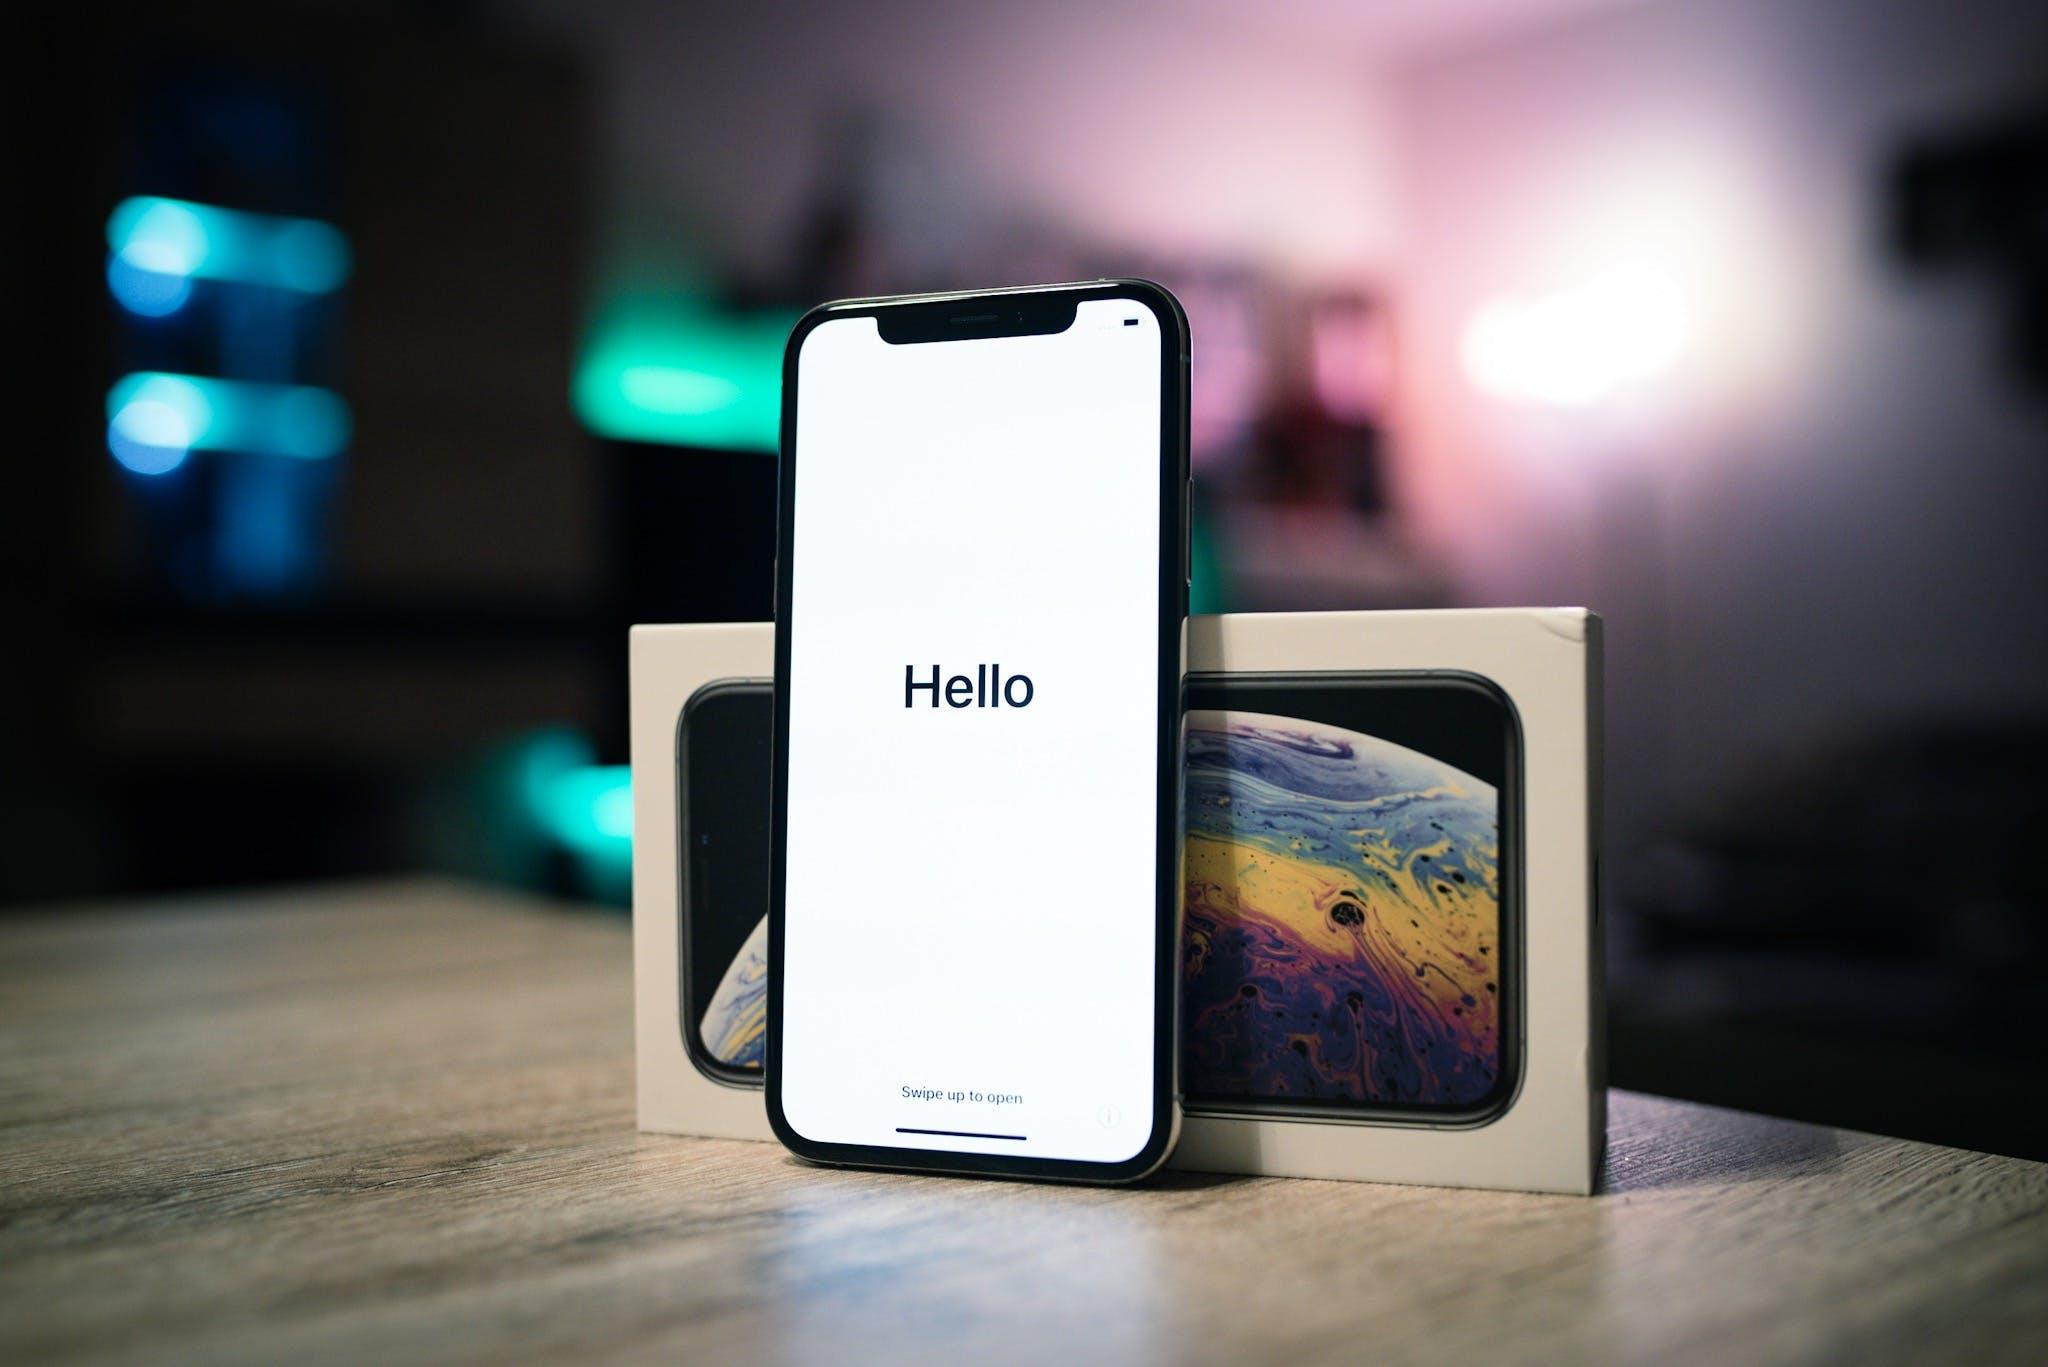 apple, Hello, iPhone XS